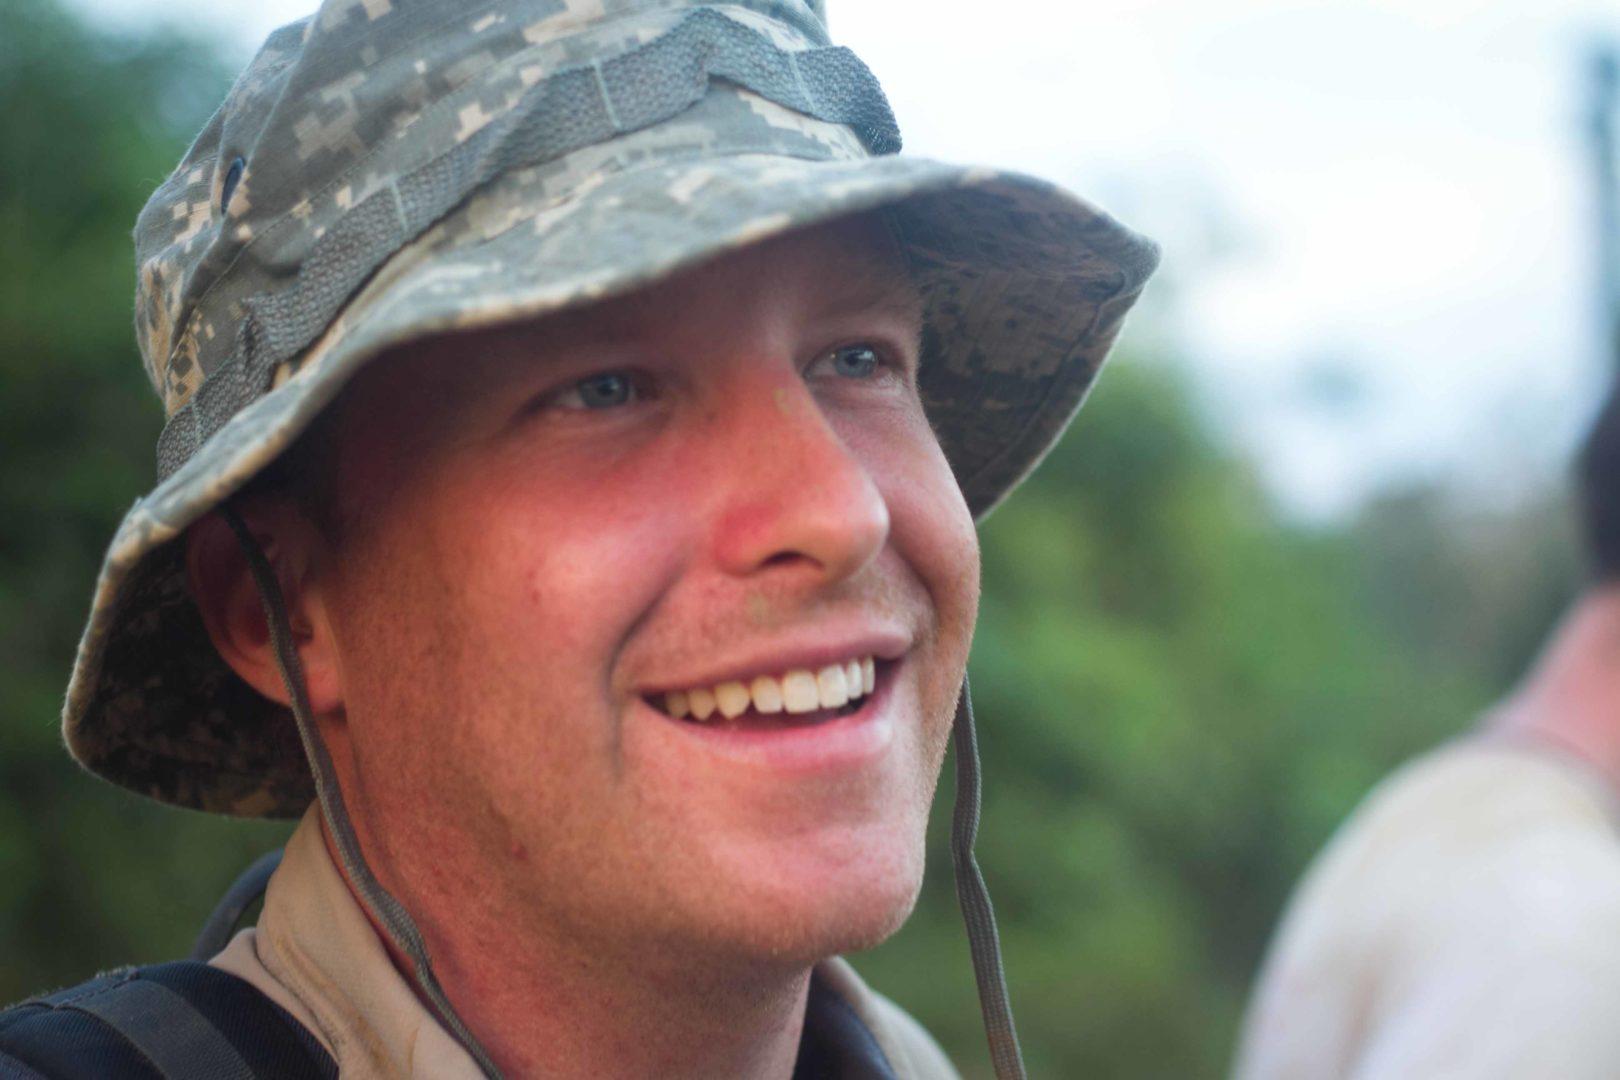 Jason Healy, West Monroe, Missionary